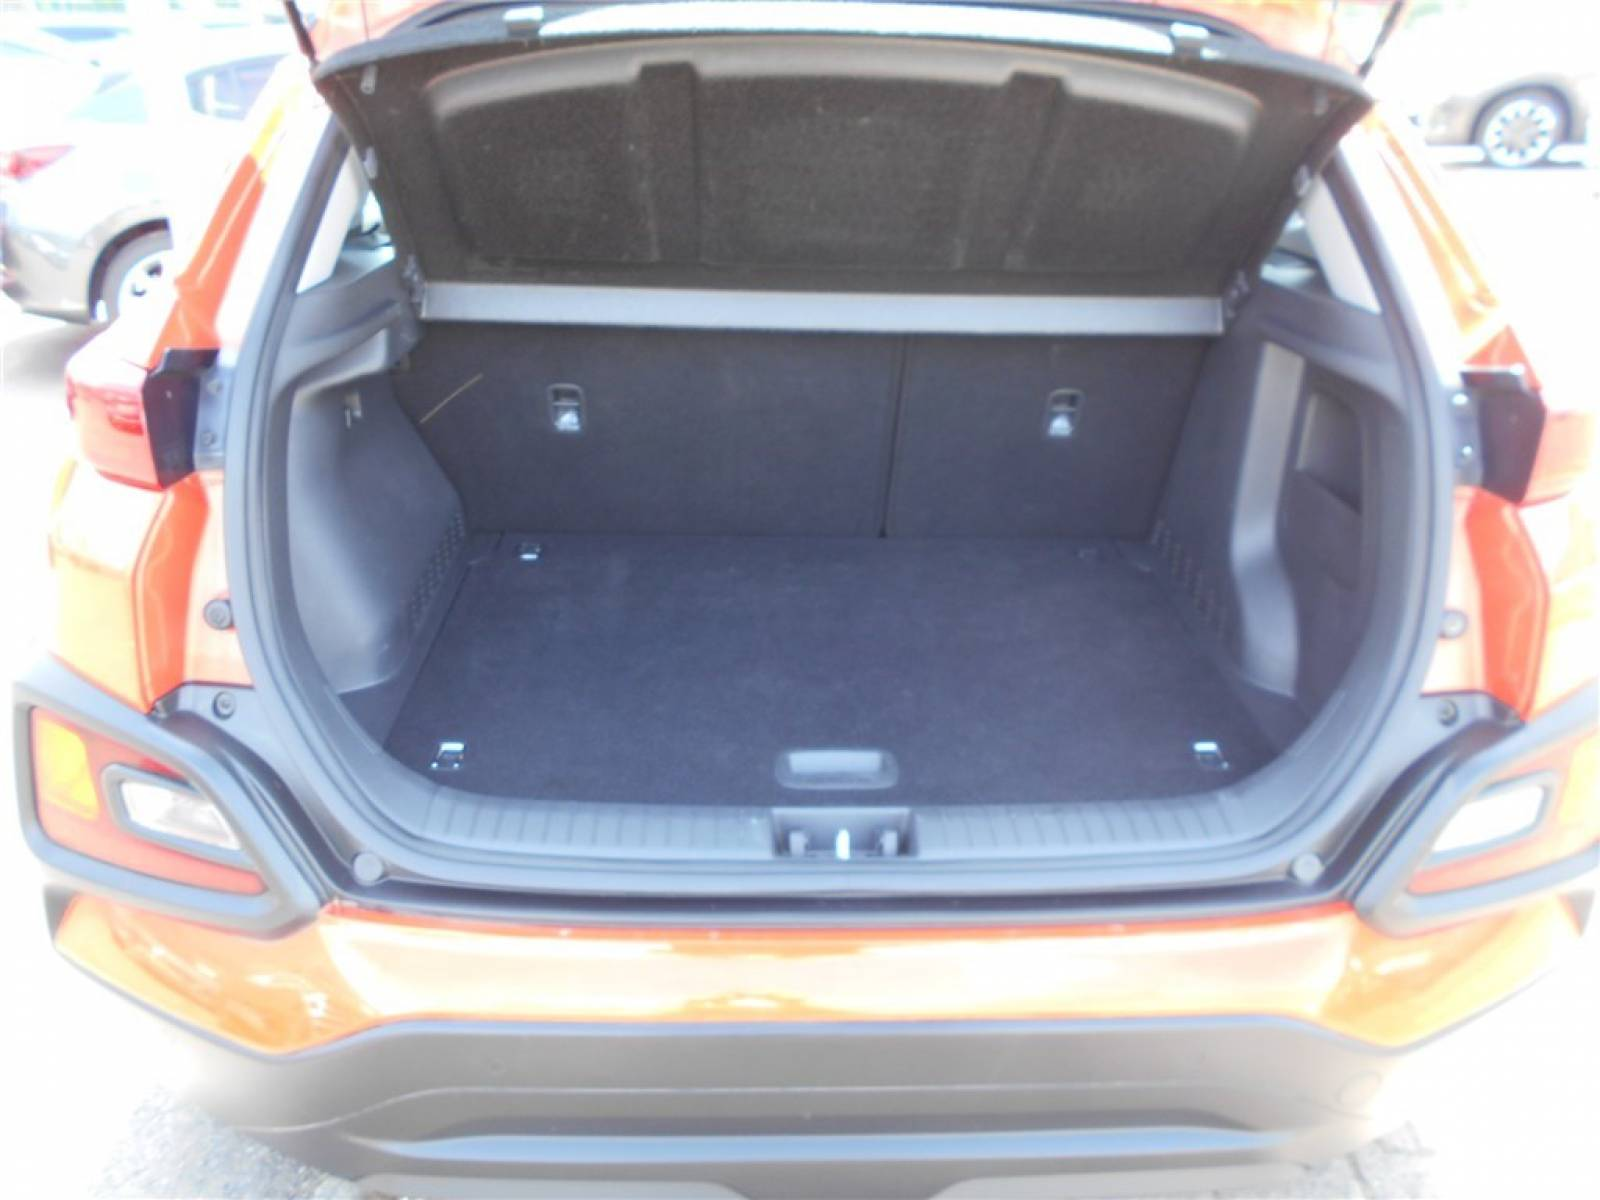 HYUNDAI Kona 1.6 CRDi 115 - véhicule d'occasion - Groupe Guillet - Chalon Automobiles - 71100 - Chalon-sur-Saône - 5